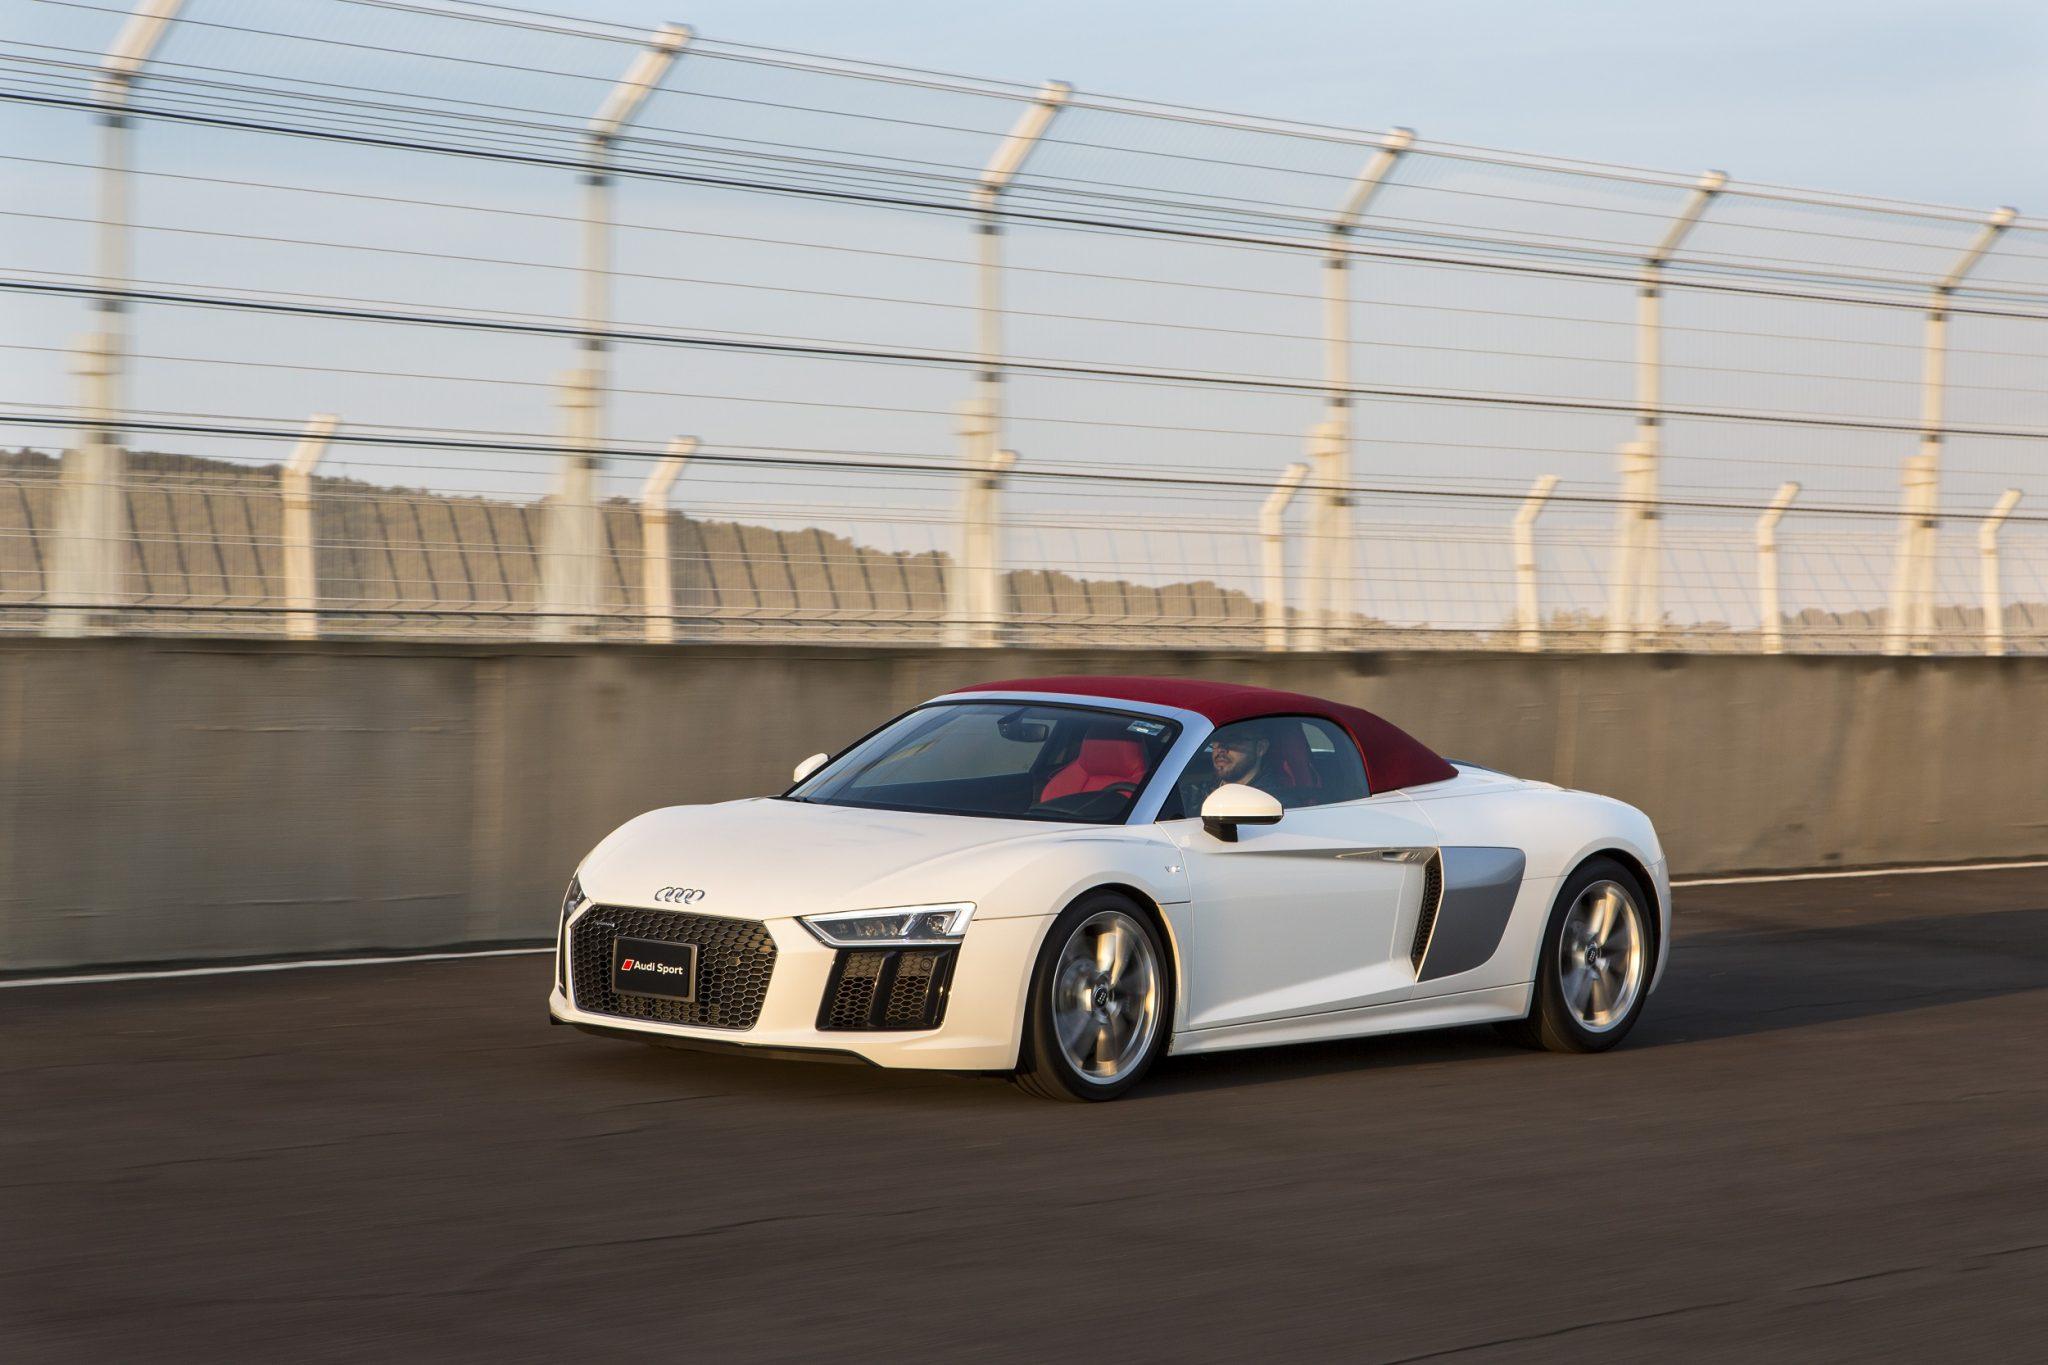 Audi r8 v10 plus precio mexico